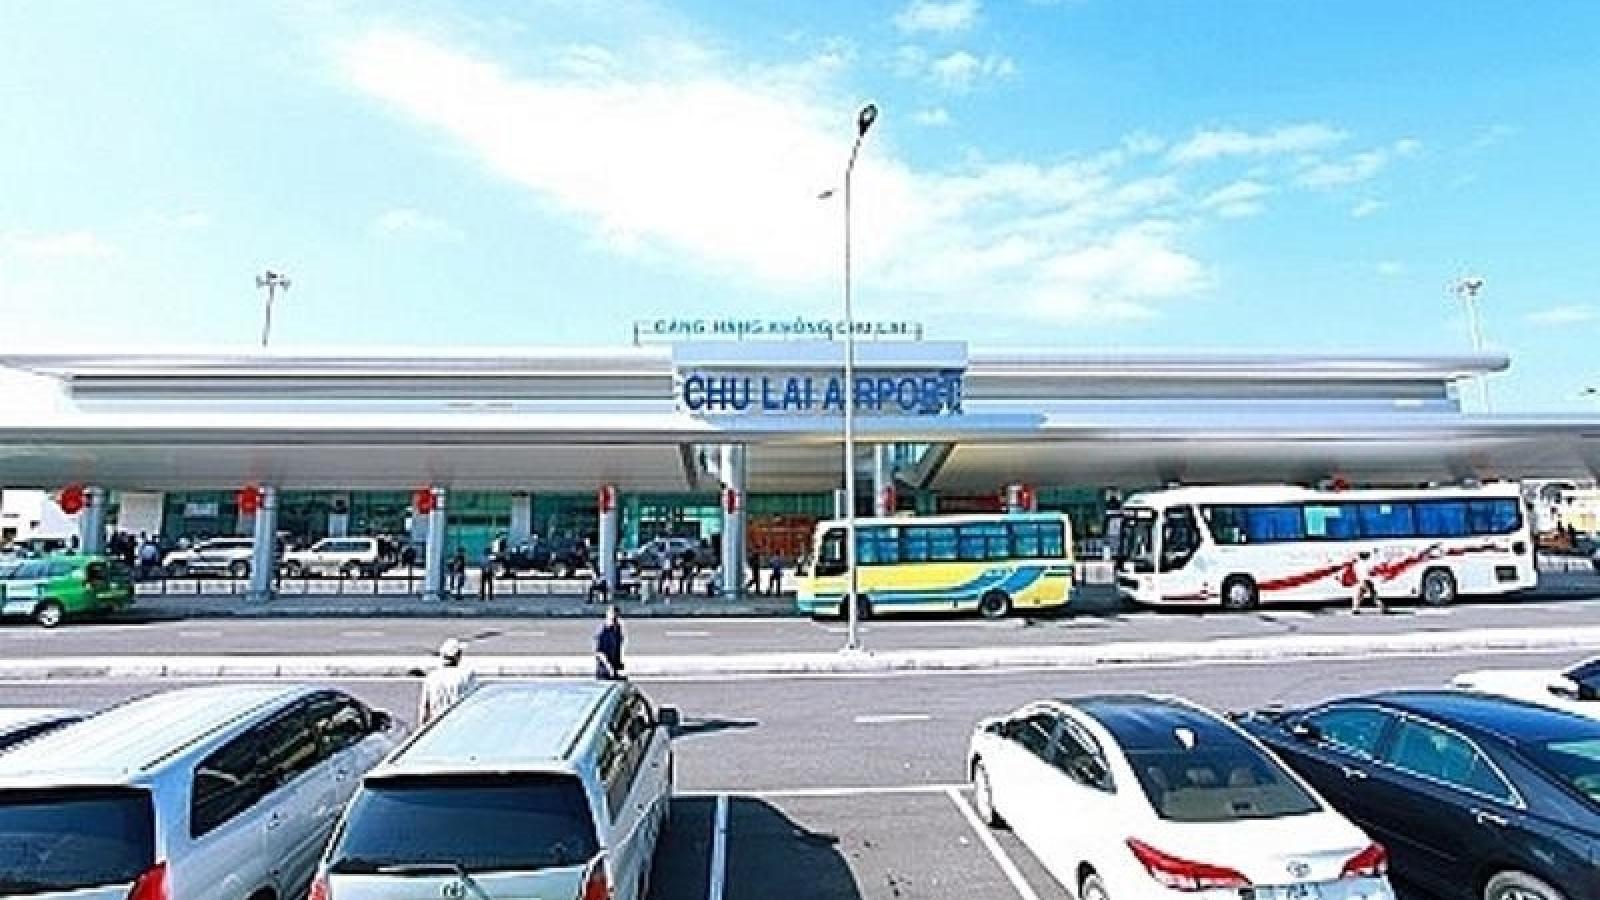 Quảng Nam đề nghị tạm dừng các chuyến bay đi và đến sân bay Chu Lai